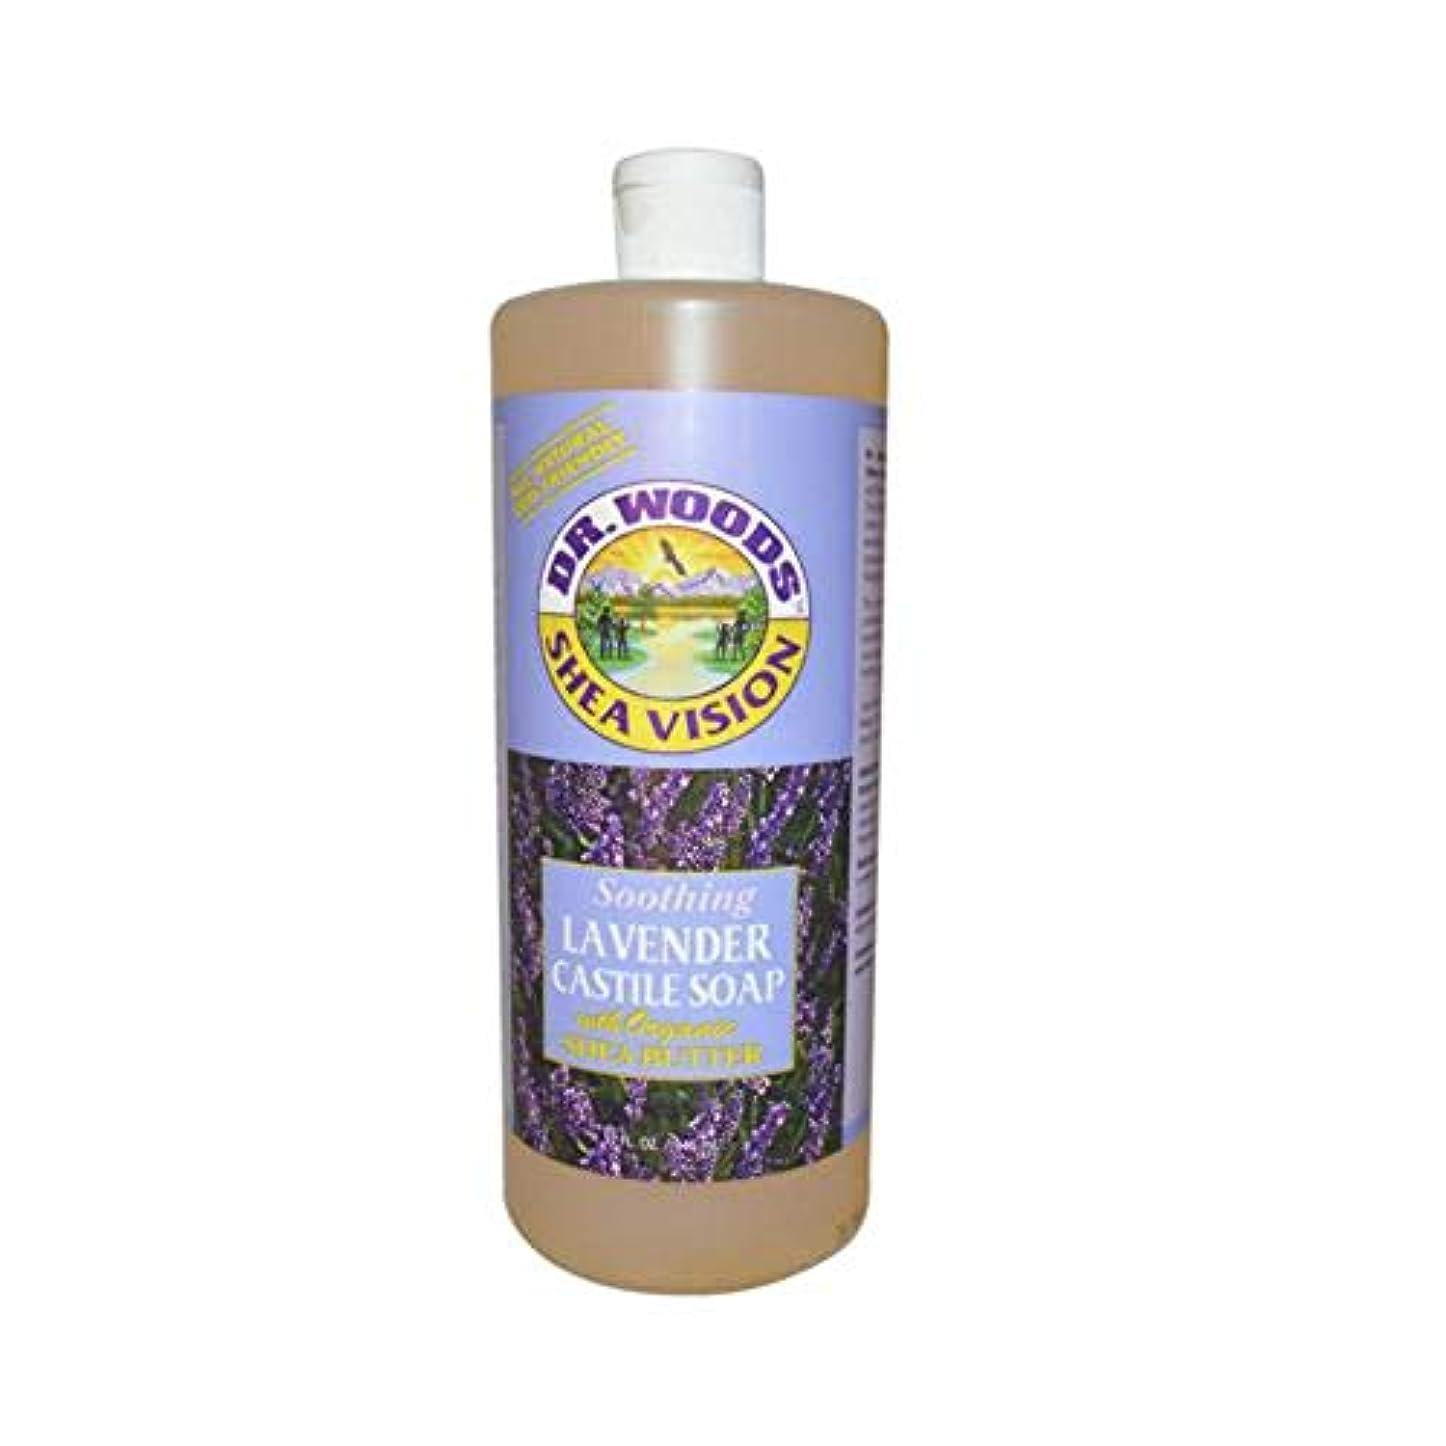 アクティブ計画問い合わせるDr. Woods, Shea Vision, Soothing Lavender Castile Soap, 32 fl oz (946 ml)